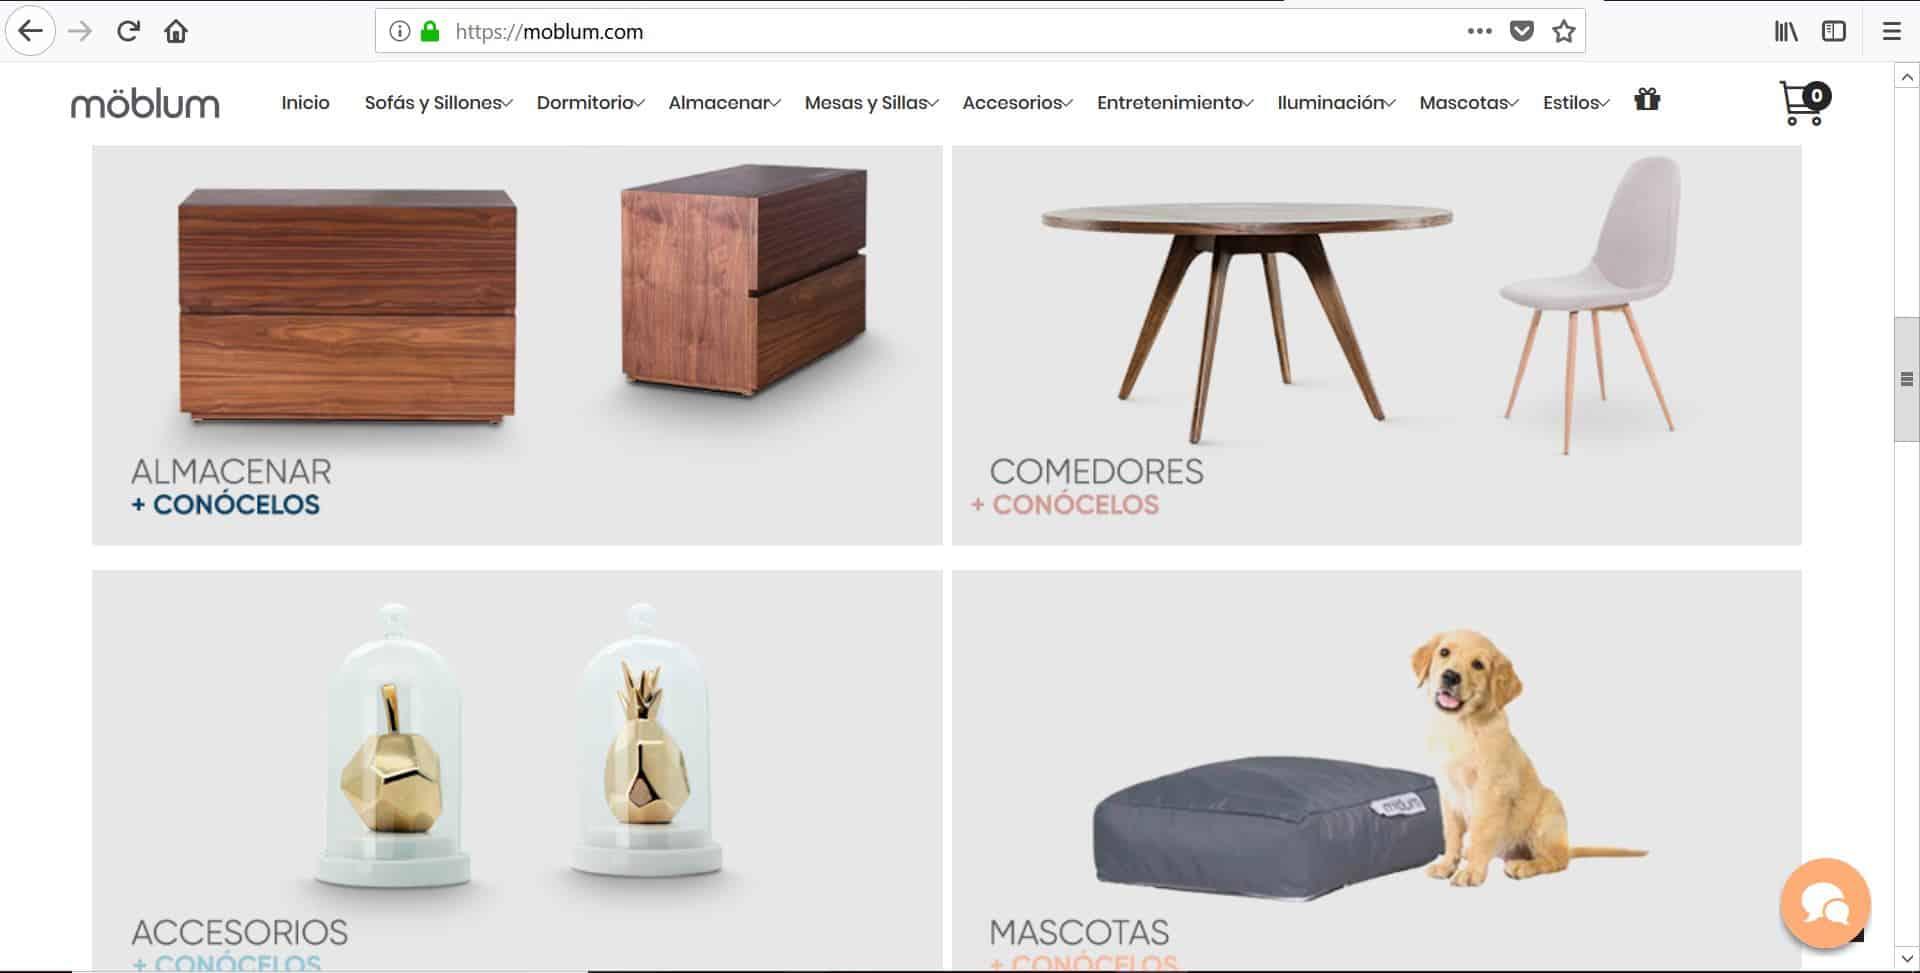 Las mejores tiendas para comprar muebles online vida y for Comprar muebles de diseno online